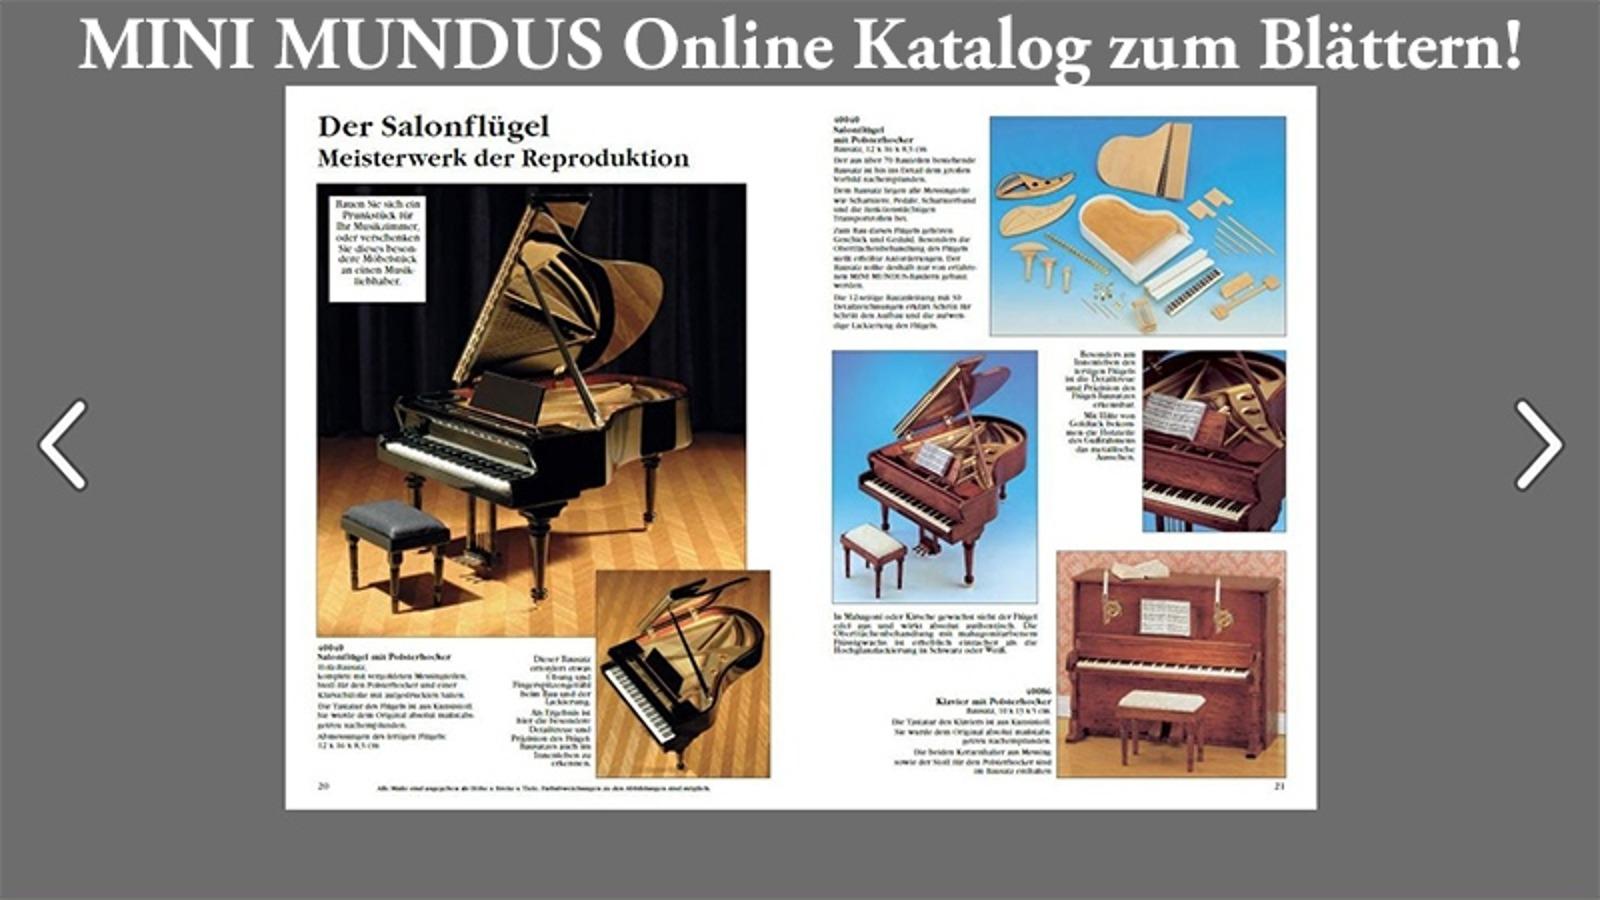 Hier geht es per KLICK zum neuen MINI MUNDUS Online Katalog!